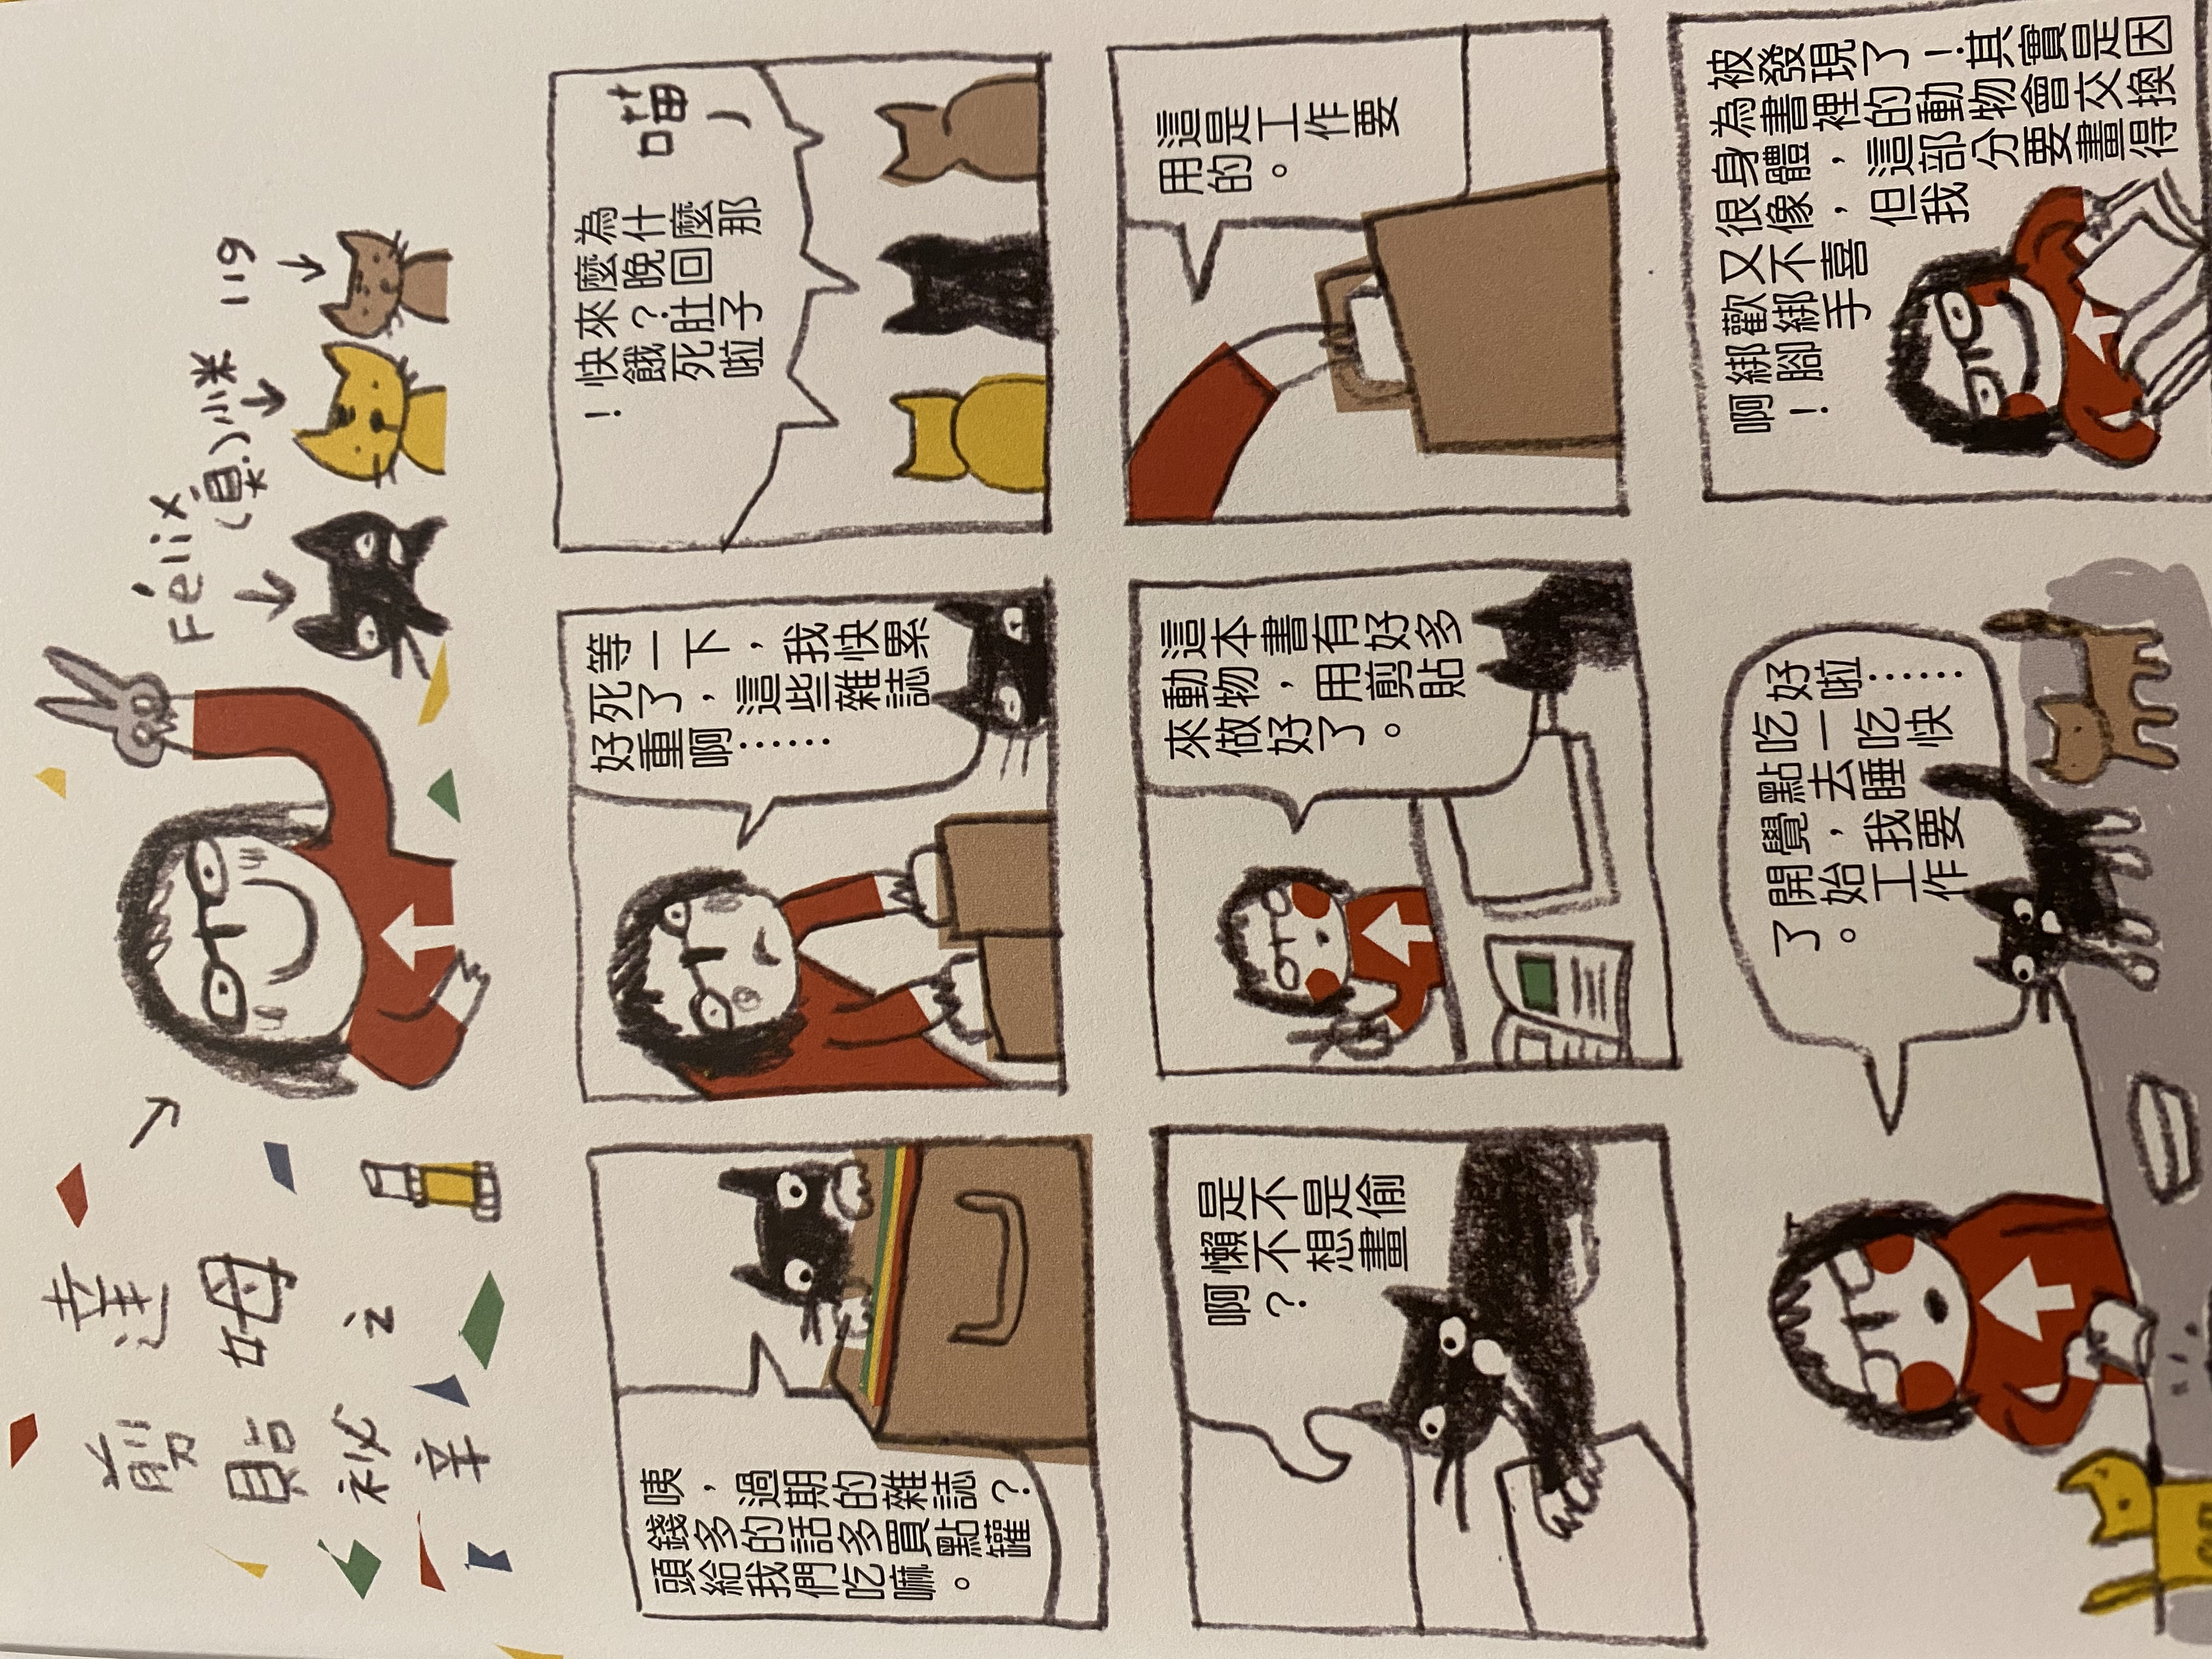 S3-204/ 7 換聲音+ 後記/ 文 林世仁/ 圖 達姆/ 親子天下